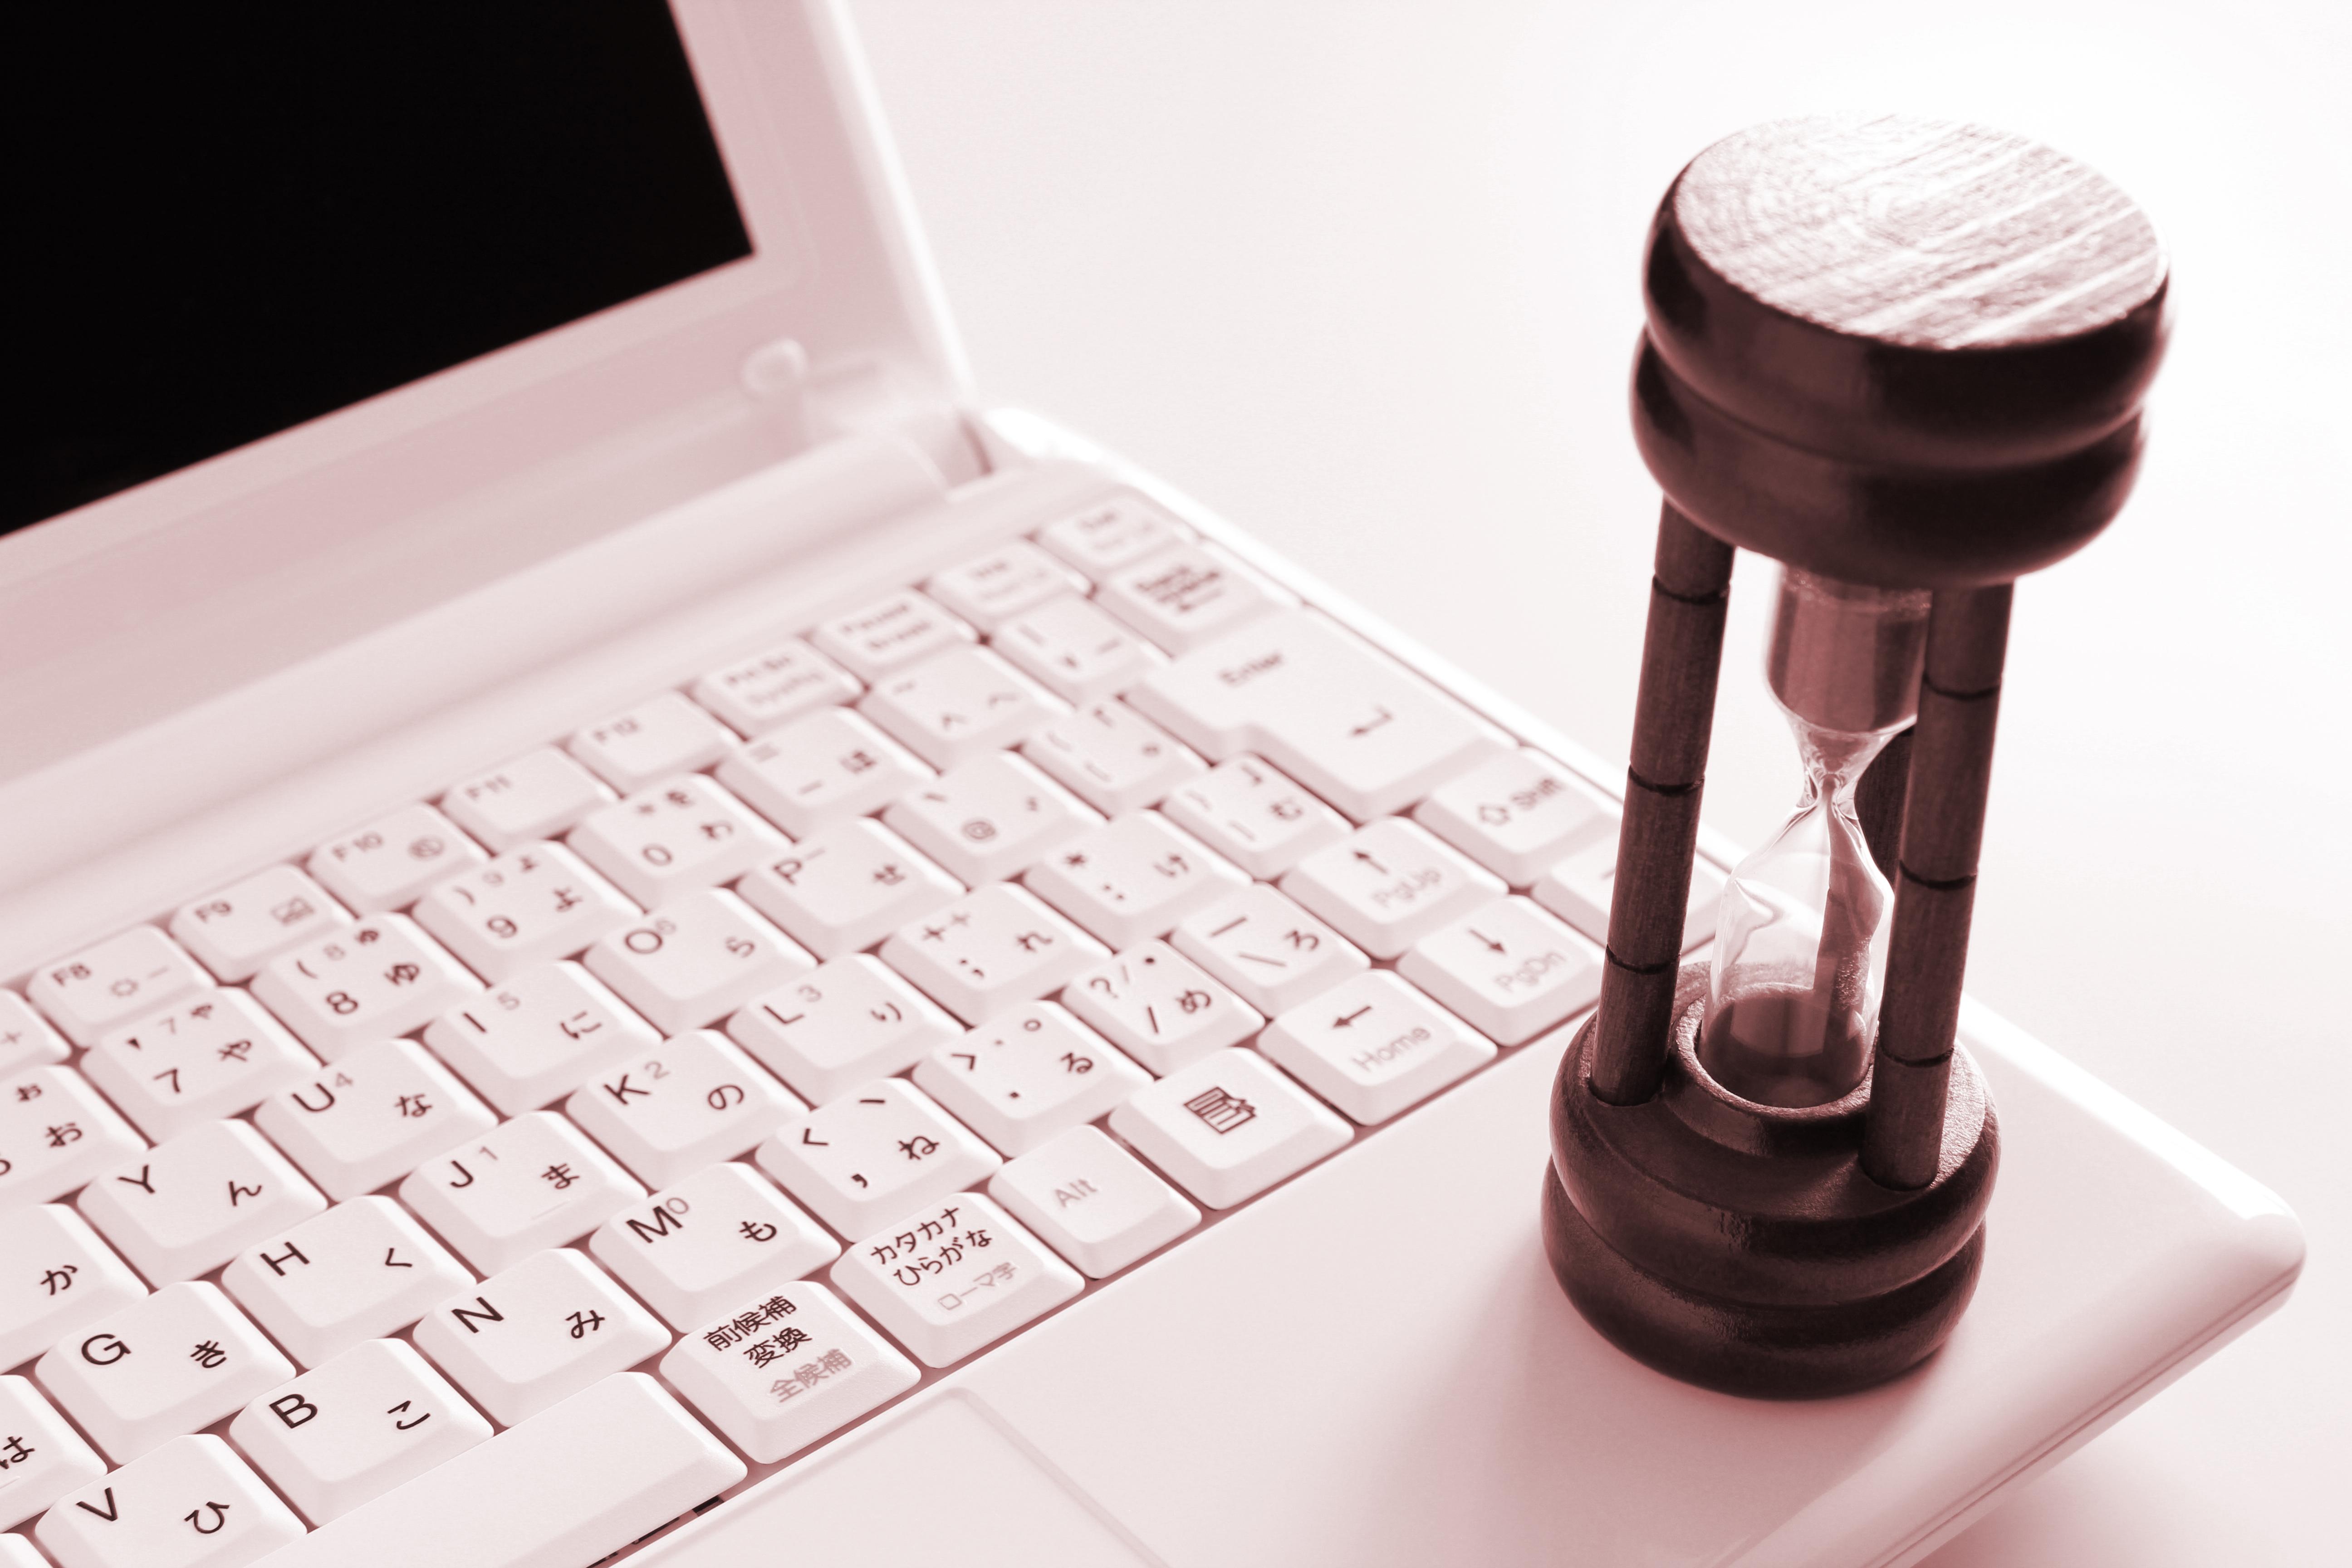 SoftBank Air(ソフトバンクエアー)が夜遅くなる理由。「速度制限」を徹底解剖!時間帯や改善方法など解説5